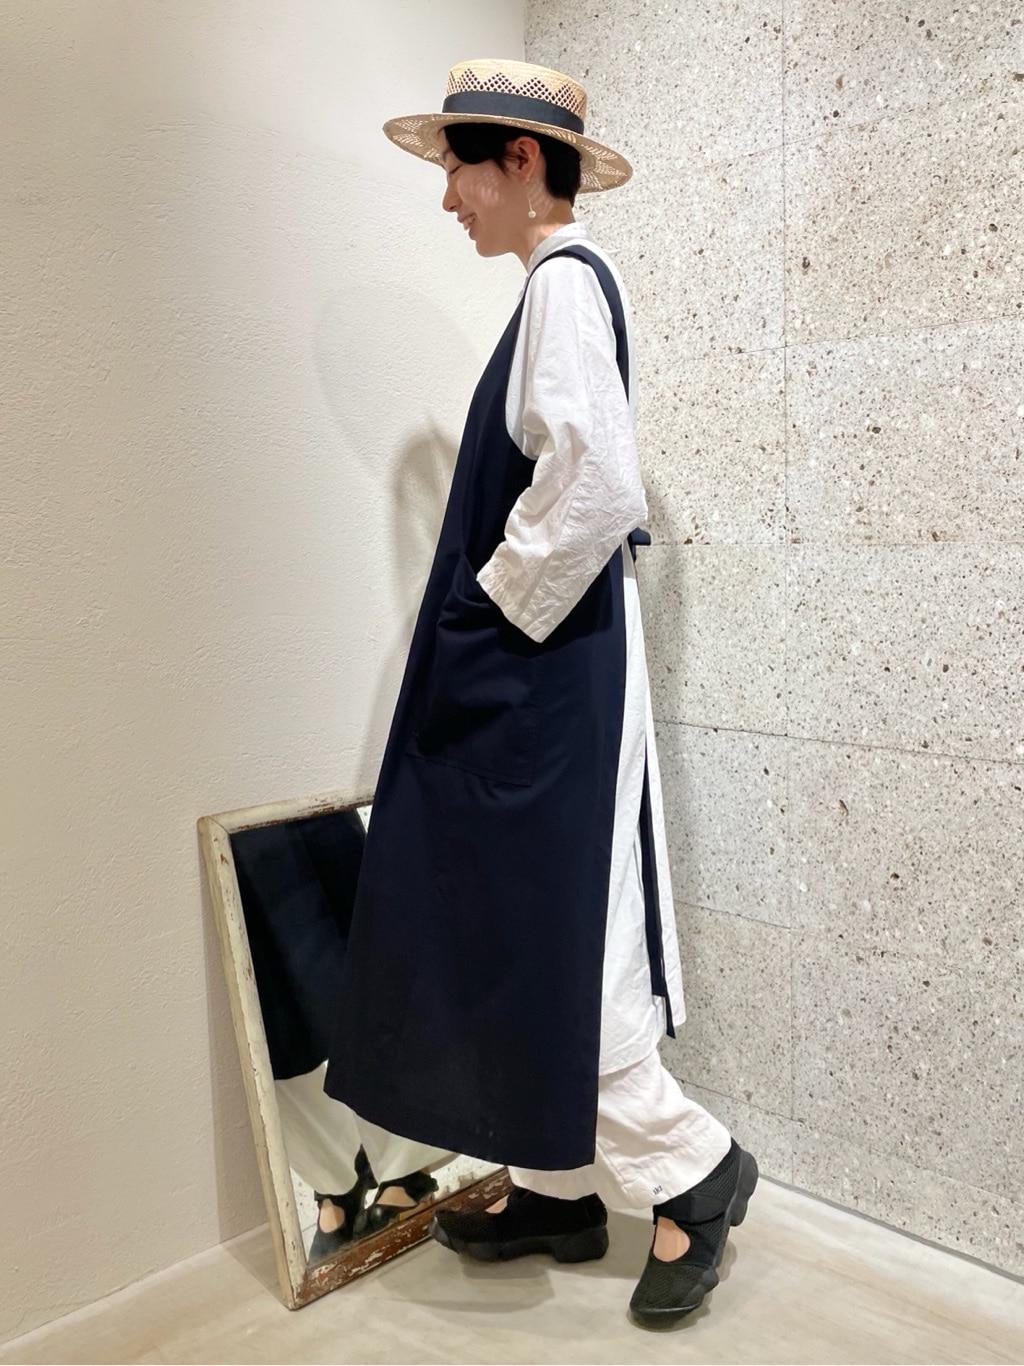 yuni ニュウマン横浜 身長:166cm 2021.04.10